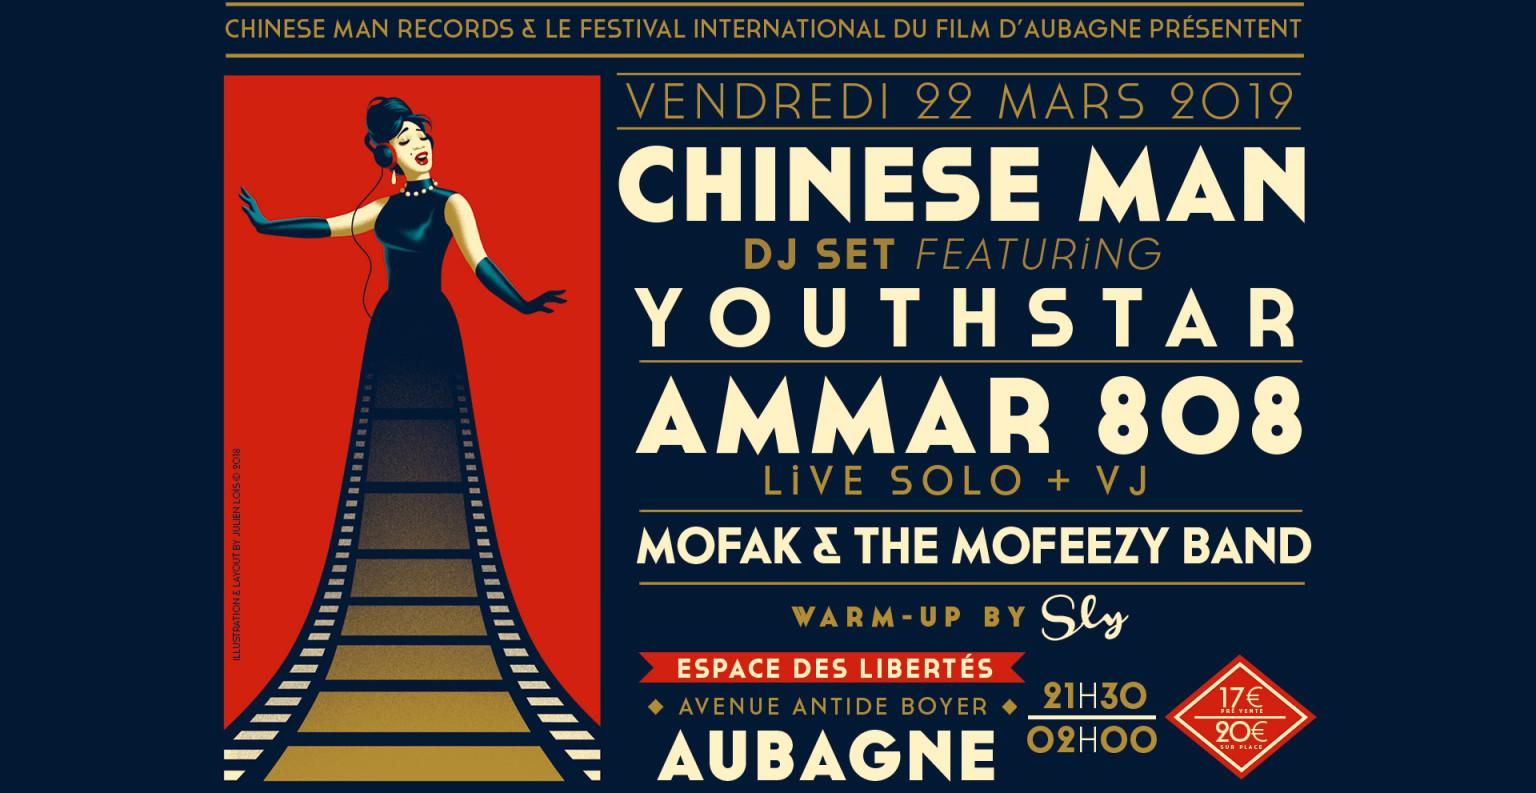 Le Label Chinese Man Record a carte blanche pour la soirée du 22 mars 2019. ©DR